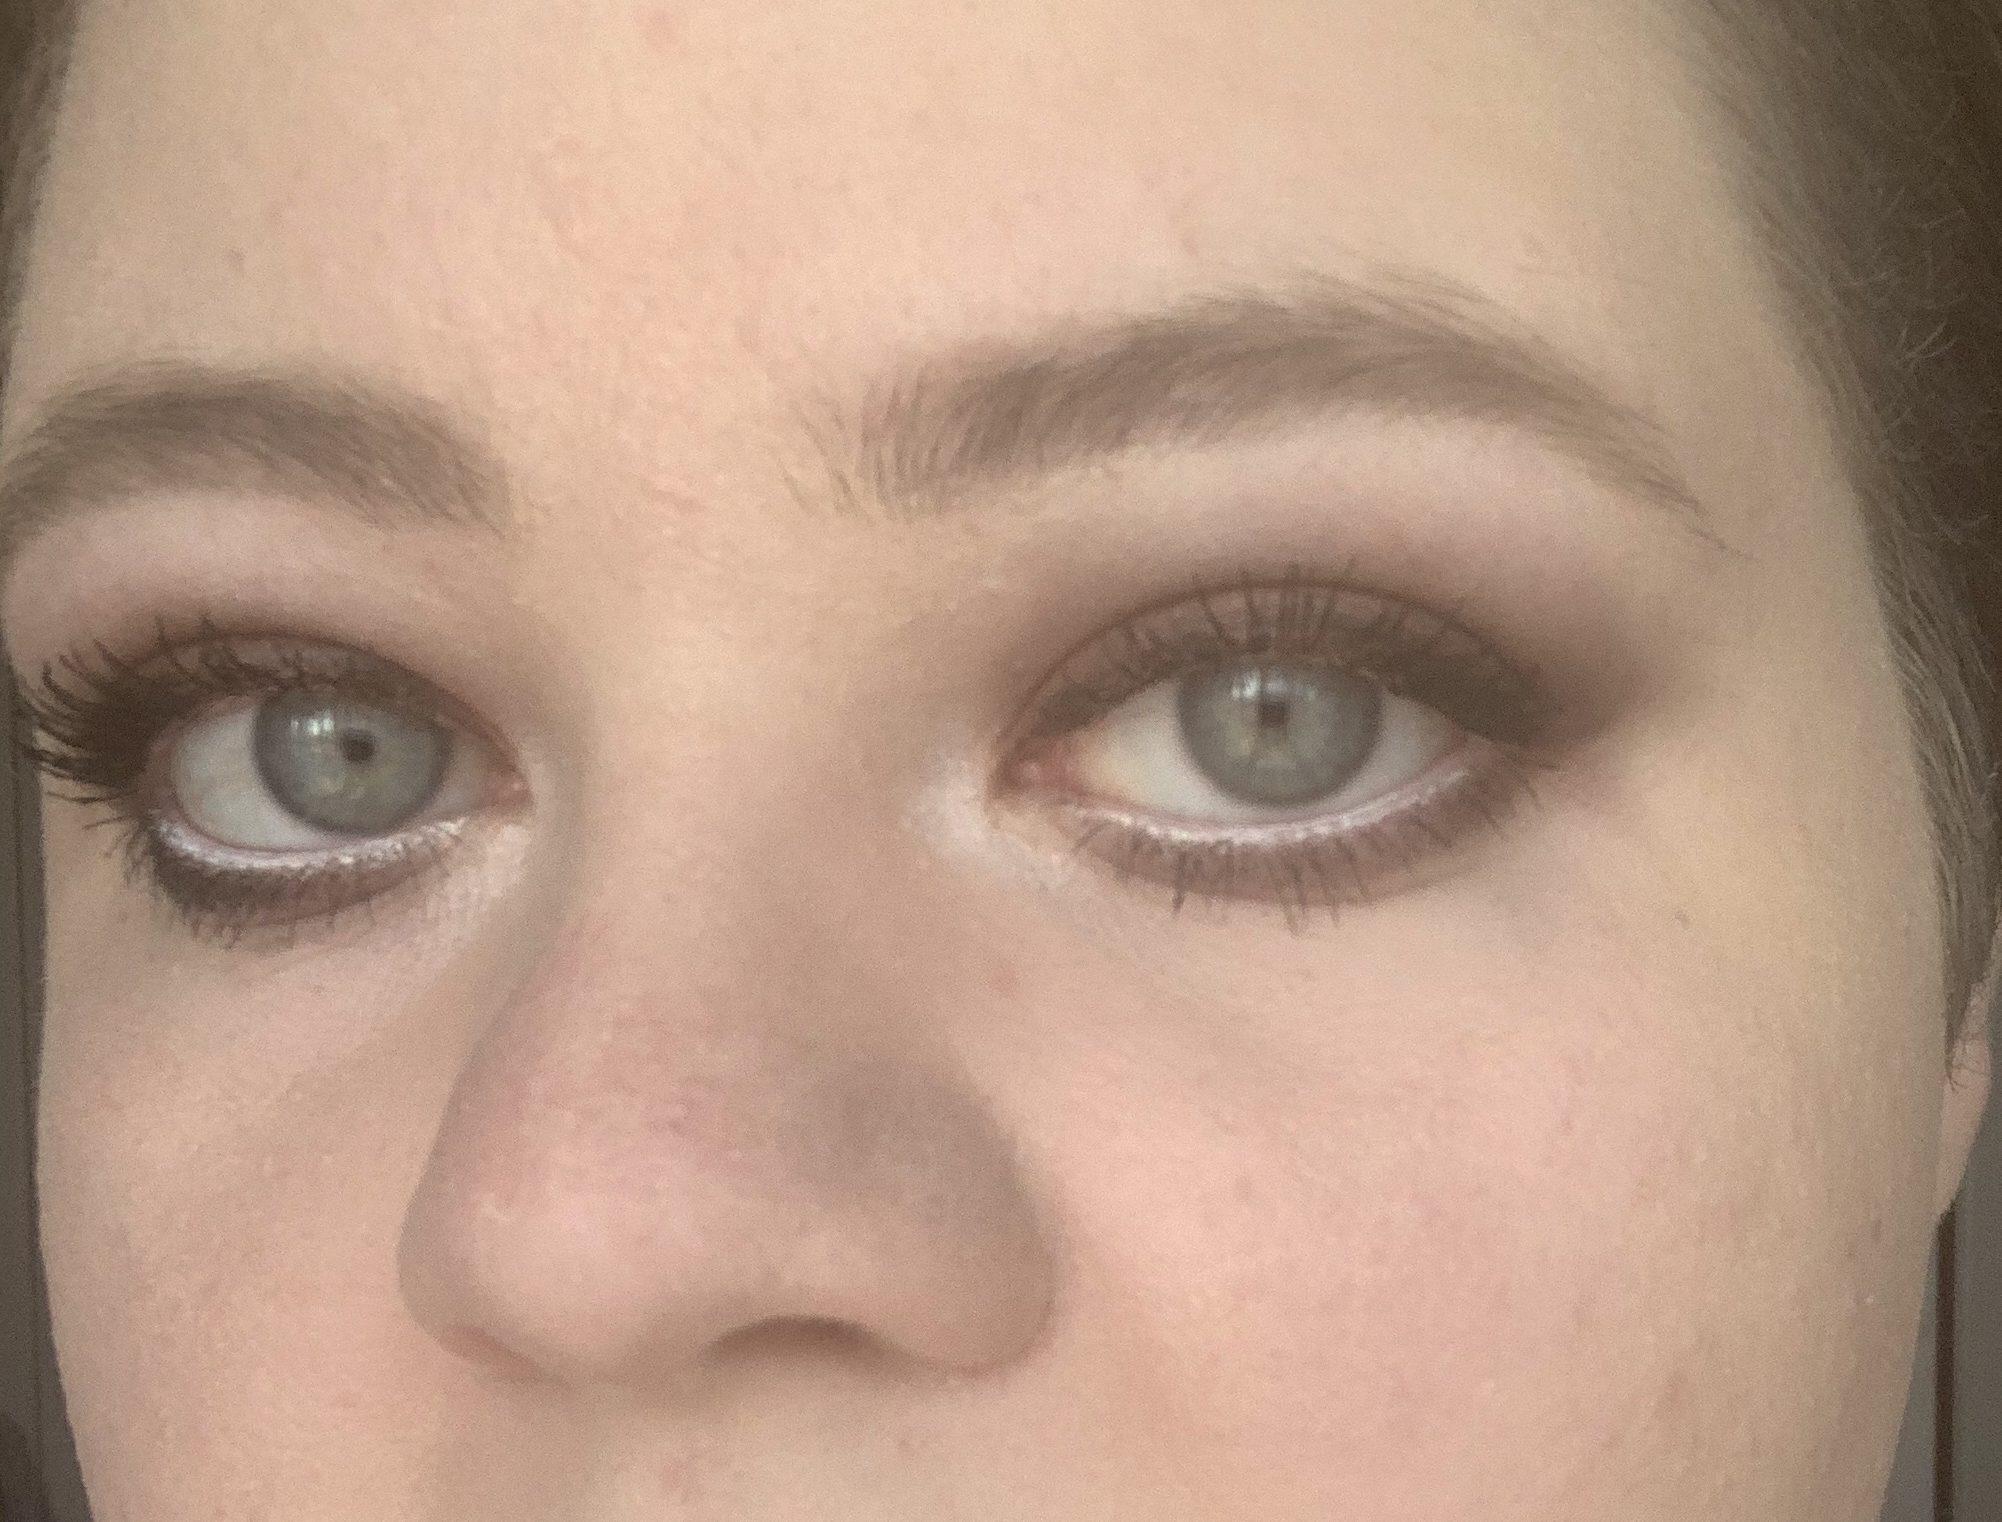 Das Bild zeigt ein Augenpaar und nachgezeichnete Augenbrauen